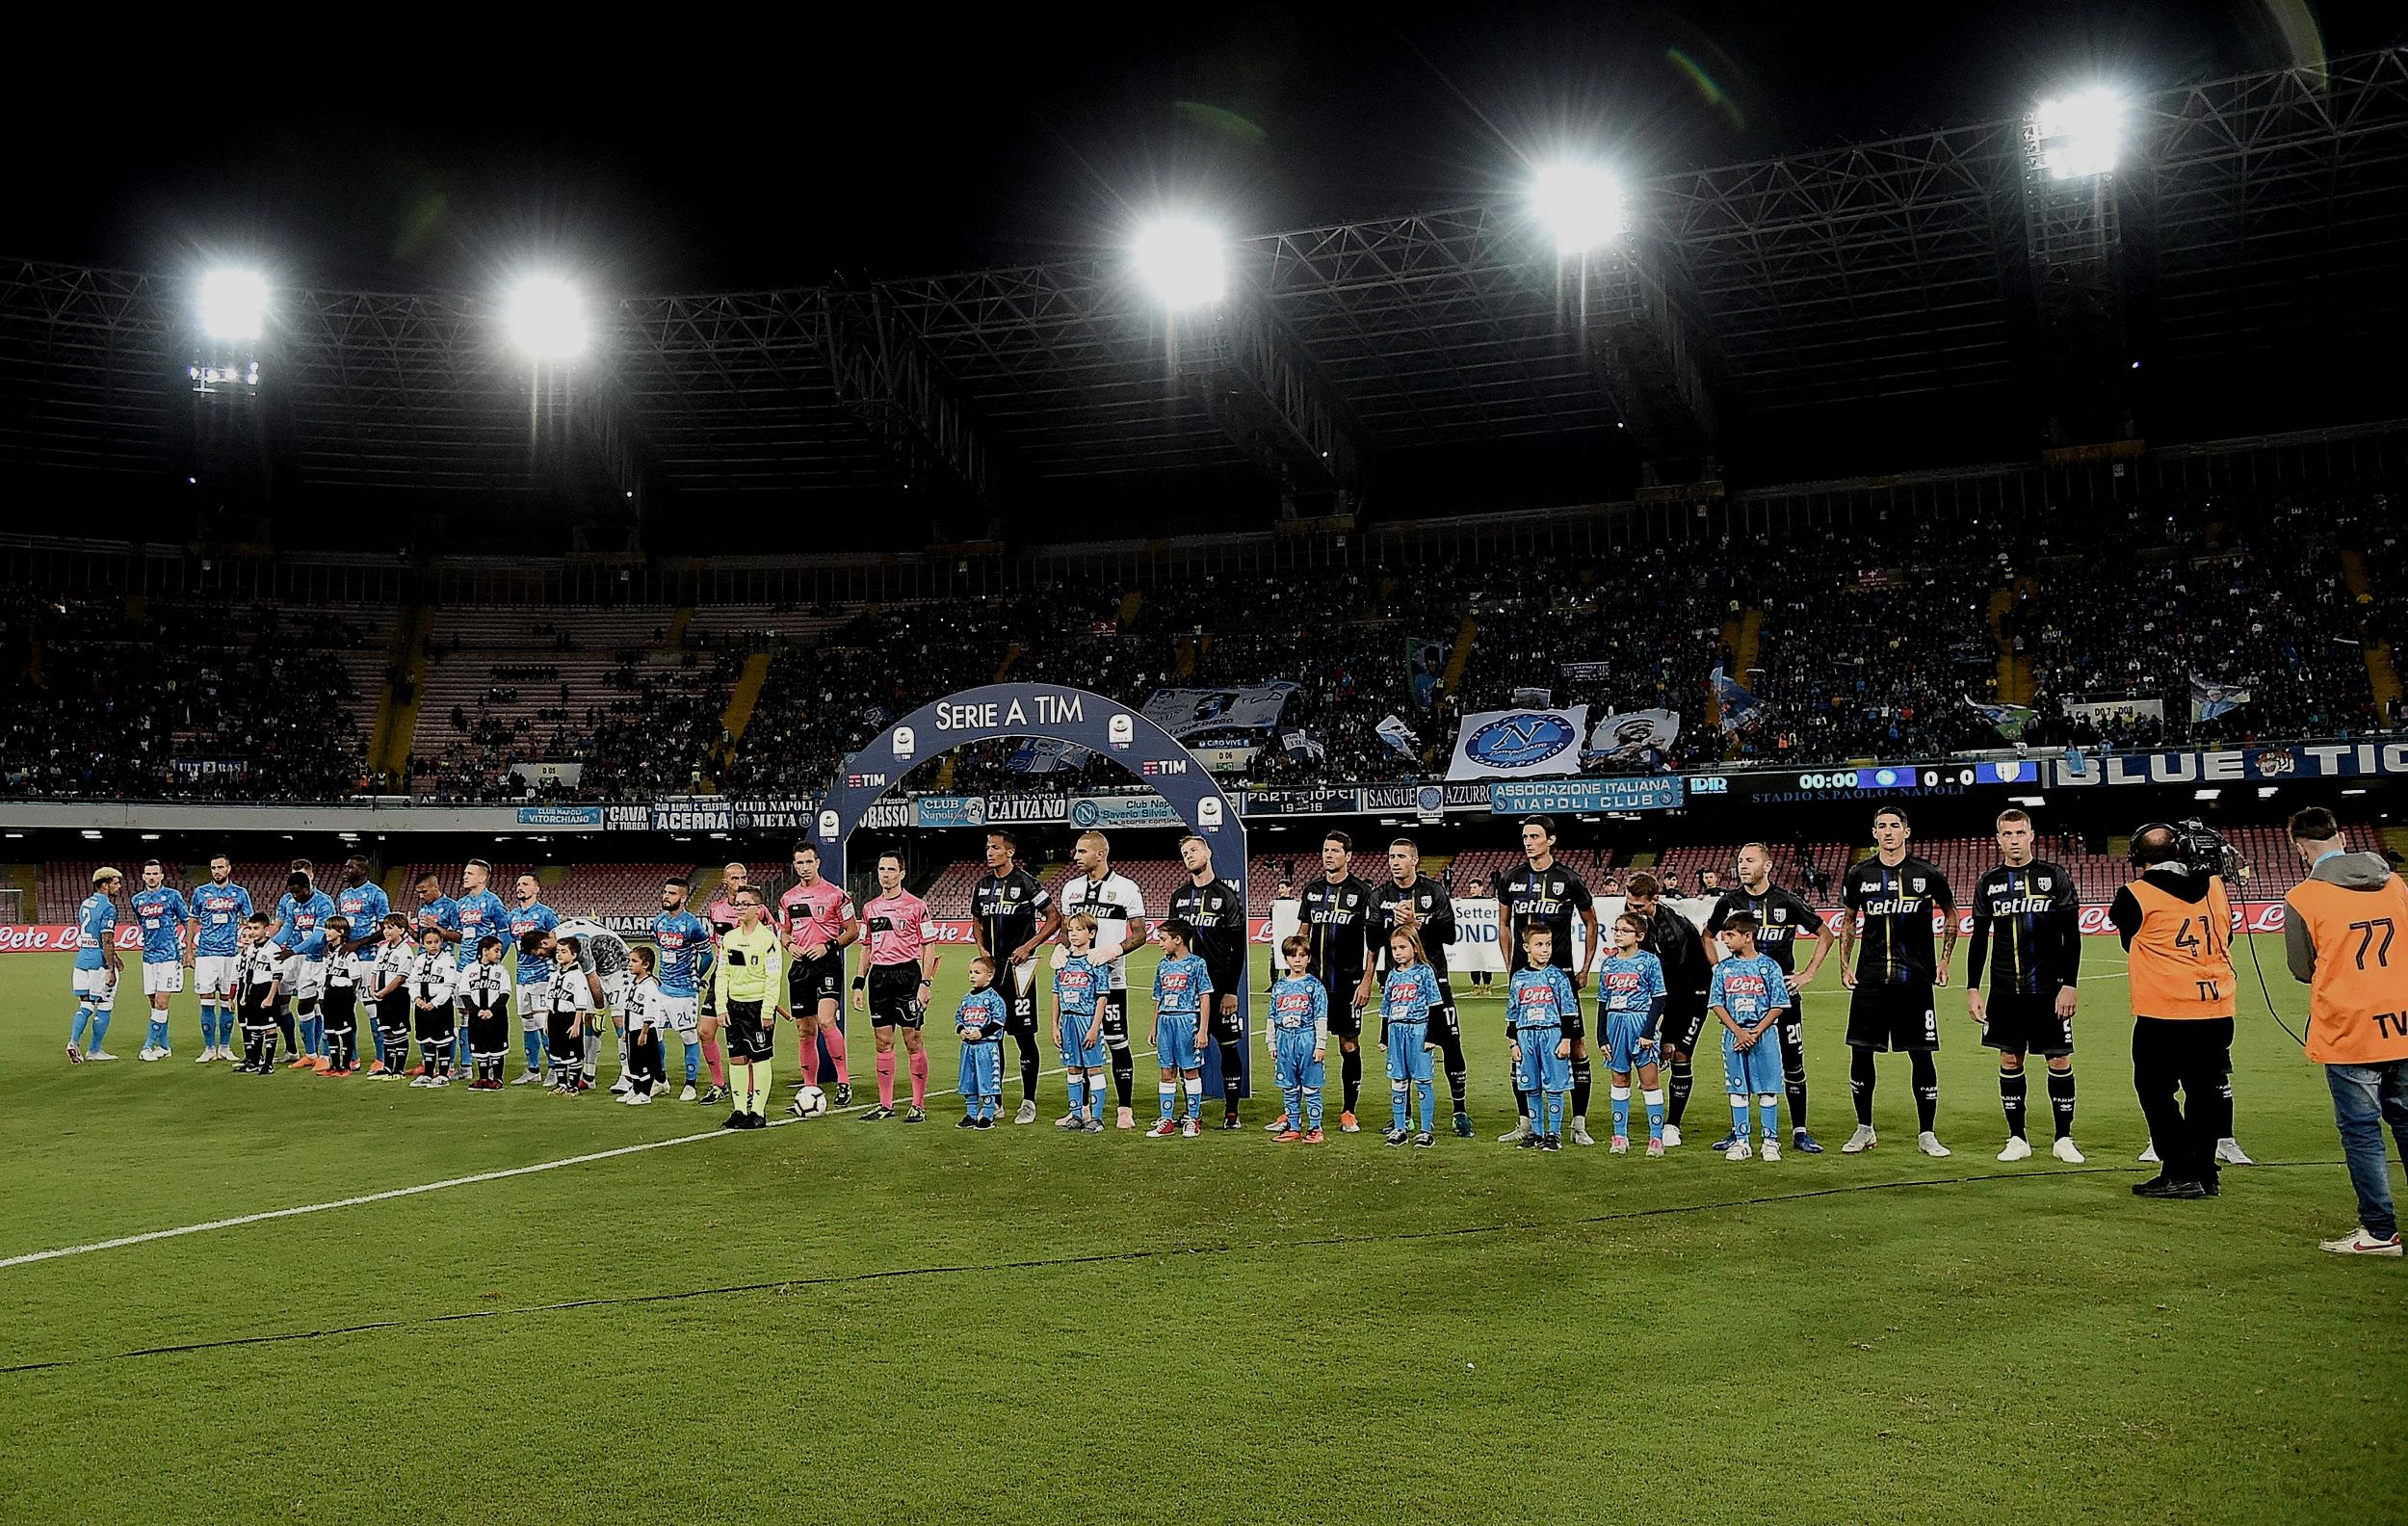 Napoli: Napoli-præsident Aurelio de Laurentiis har i årevis talt om at komme væk fra det nedslidte Stadio San Paolo, som han på et tidspunkt decideret sammenlignede med et lokum. Klubben har dog endnu ingen tegninger klar med det nye stadion, og har ligesom Roma kæmpet en årelang kamp med det lokale bystyre om komme ud af lejeaftalen med det nuværende stadion. Napoli-præsidenten har derfor åbent meldt ud, at klubbens nye stadion derfor ikke nødvendigvis kommer til at ligge inden for Napolis kommunegrænse, for dermed at få mere fart i projektet. Enten bygger De Laurentiis og Napoli et helt nyt stadion, eller også skal det nuværende Stadio San Paolo gennemrenoveres. Tidshorisonten er endnu uvist. Foto: Francesco Pecoraro/Getty Images